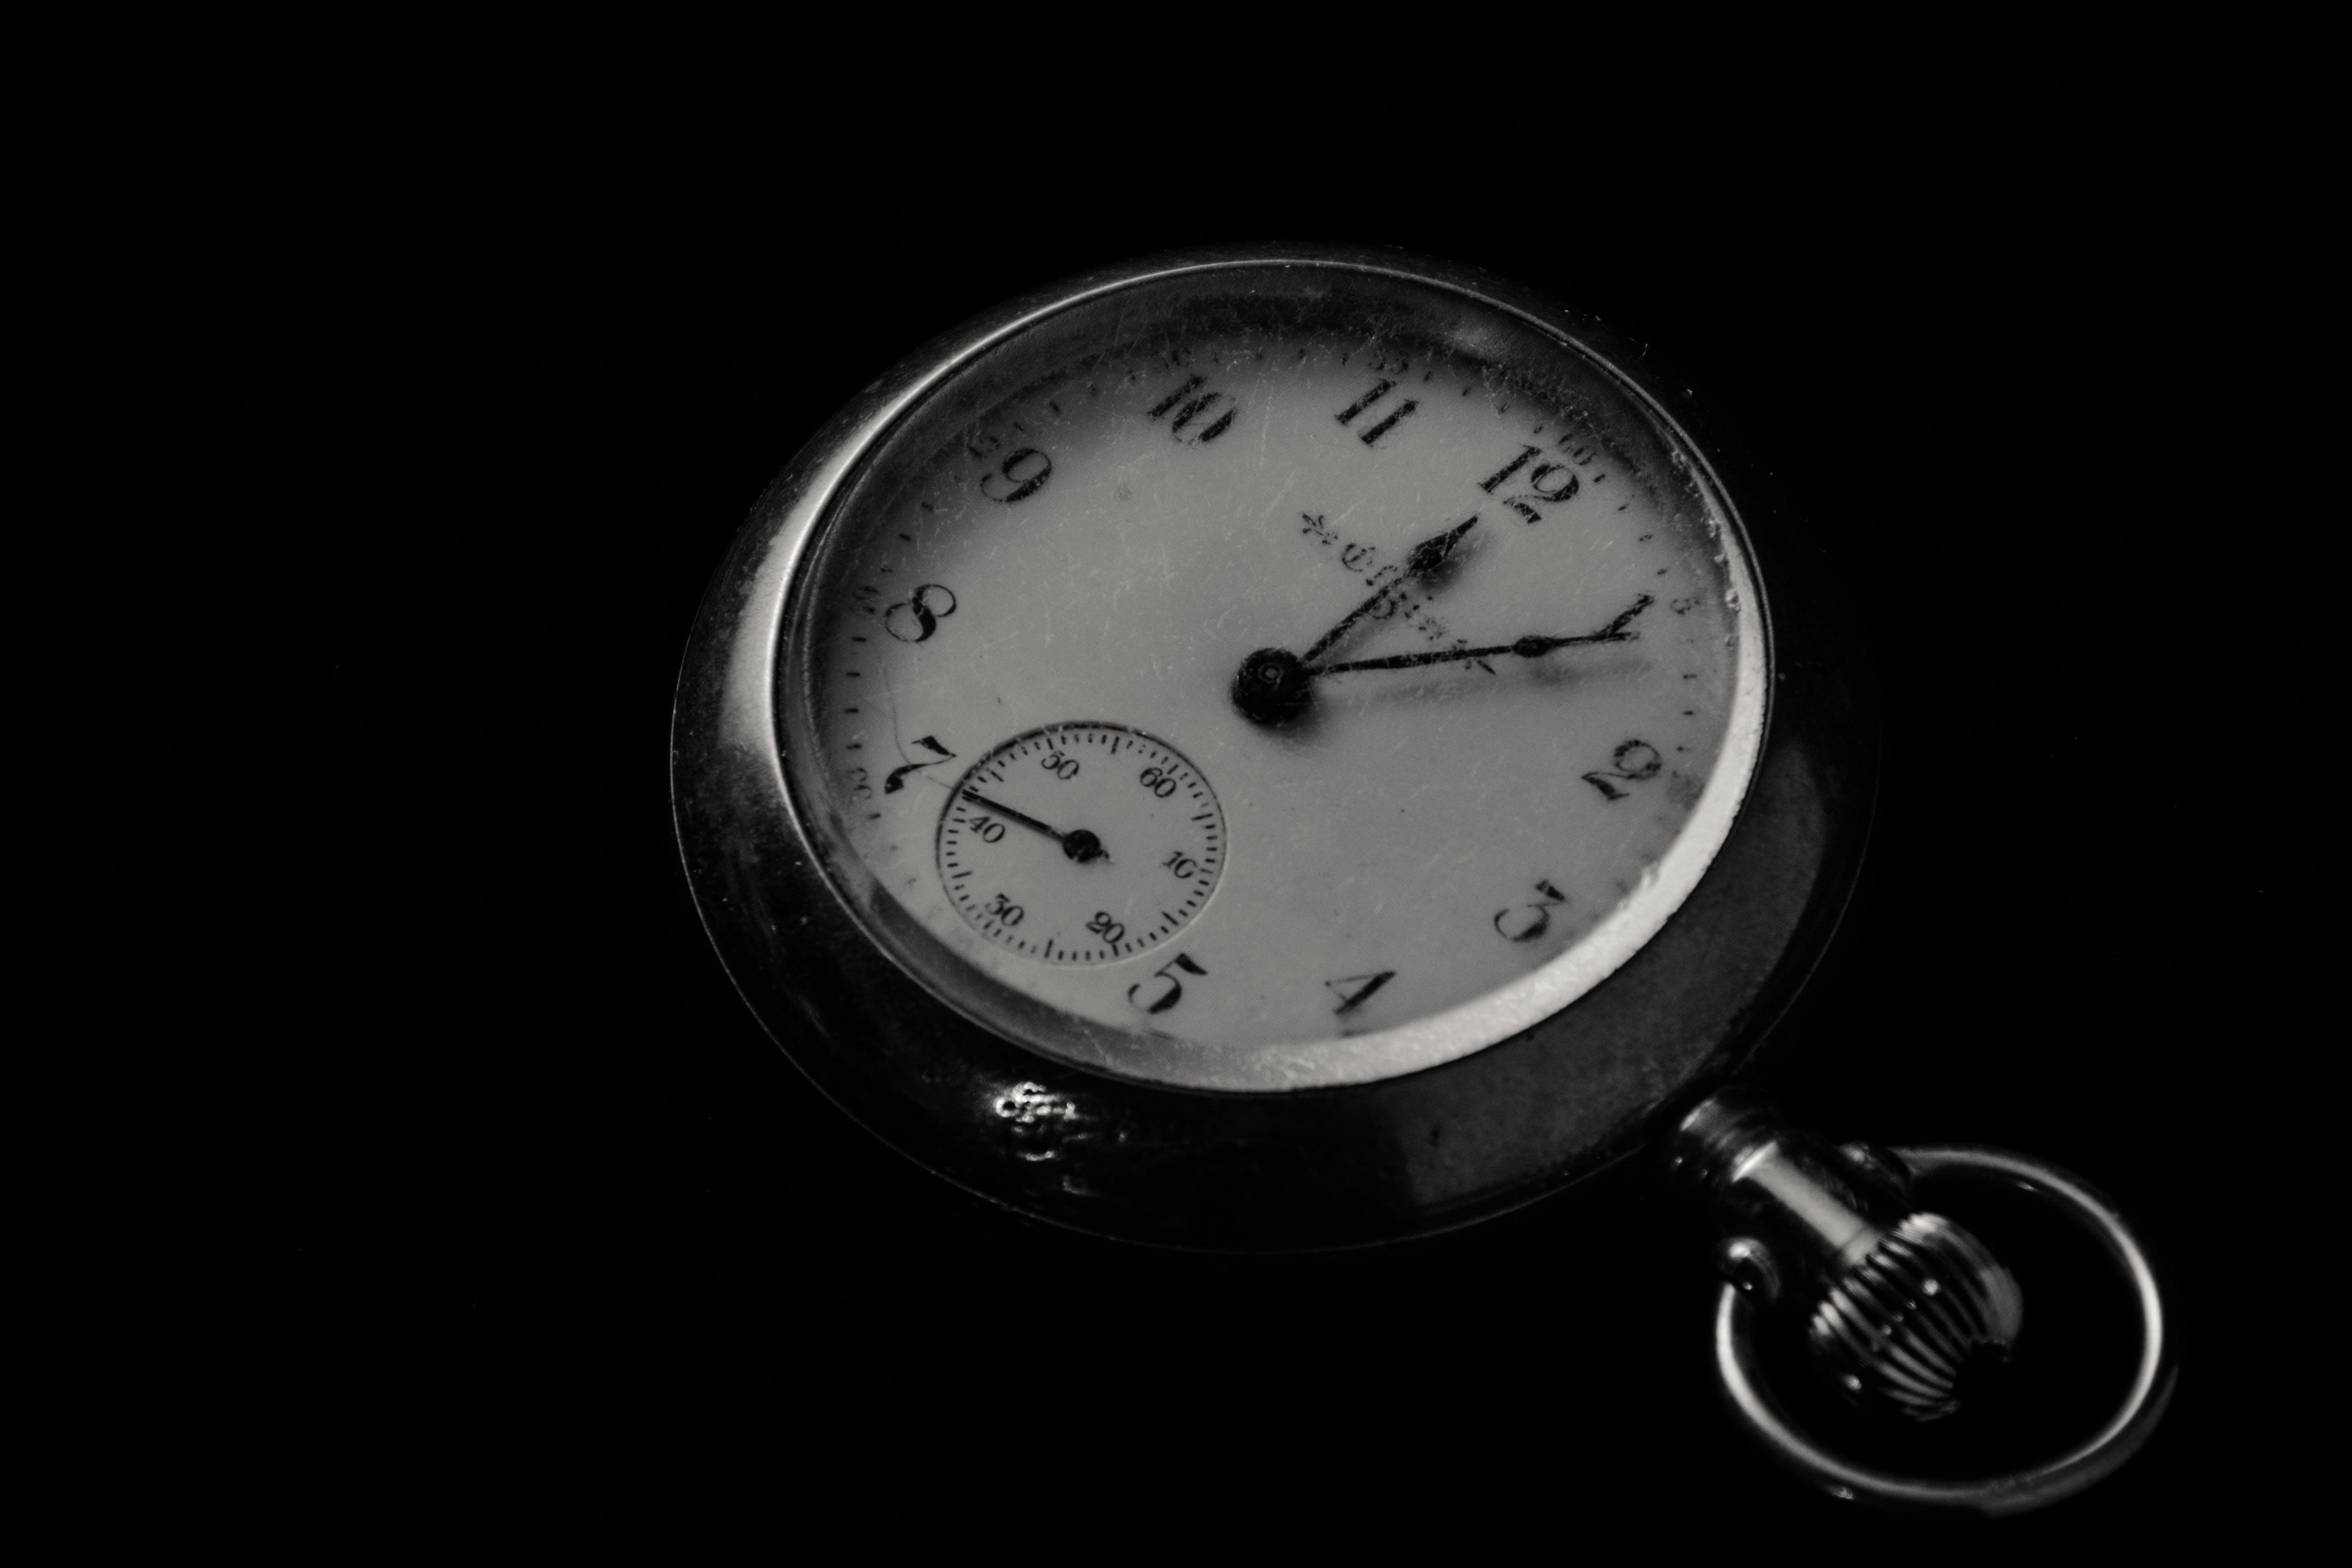 Round Pocket Watch at 12:05